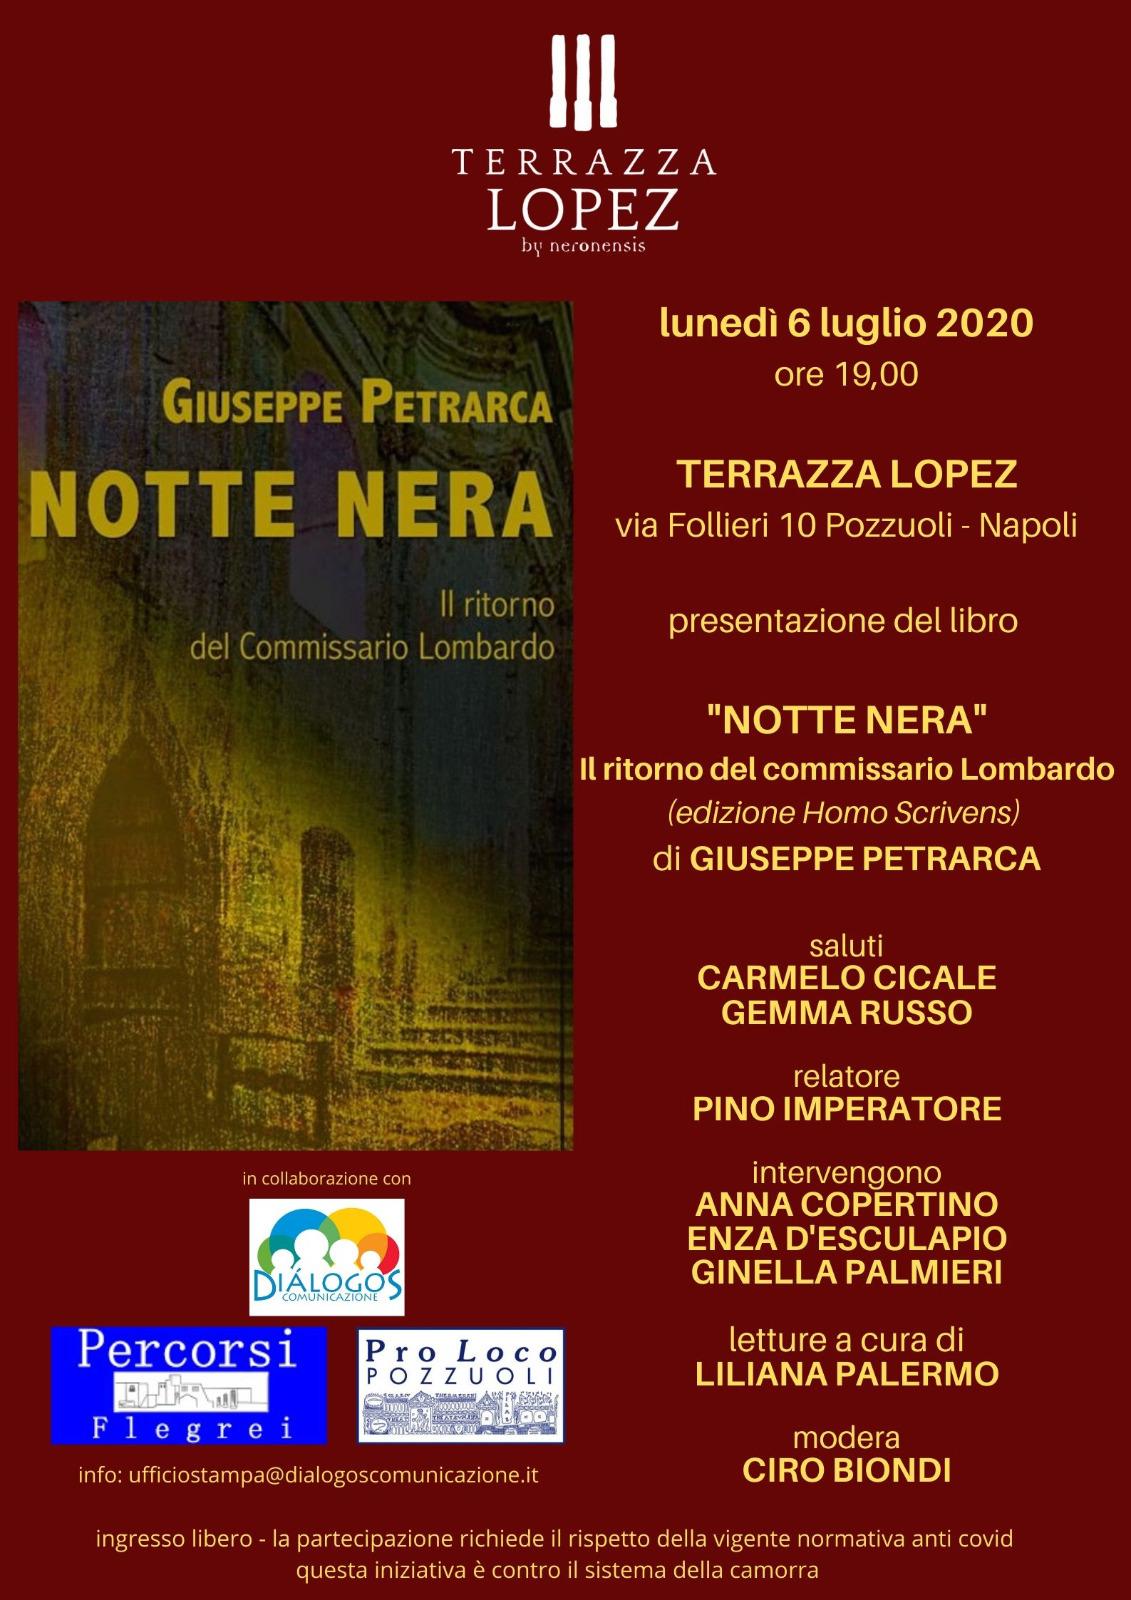 """Alla Terrazza Lopez di Pozzuoli arriva """"Notte Nera"""" di Giuseppe Petrarca"""